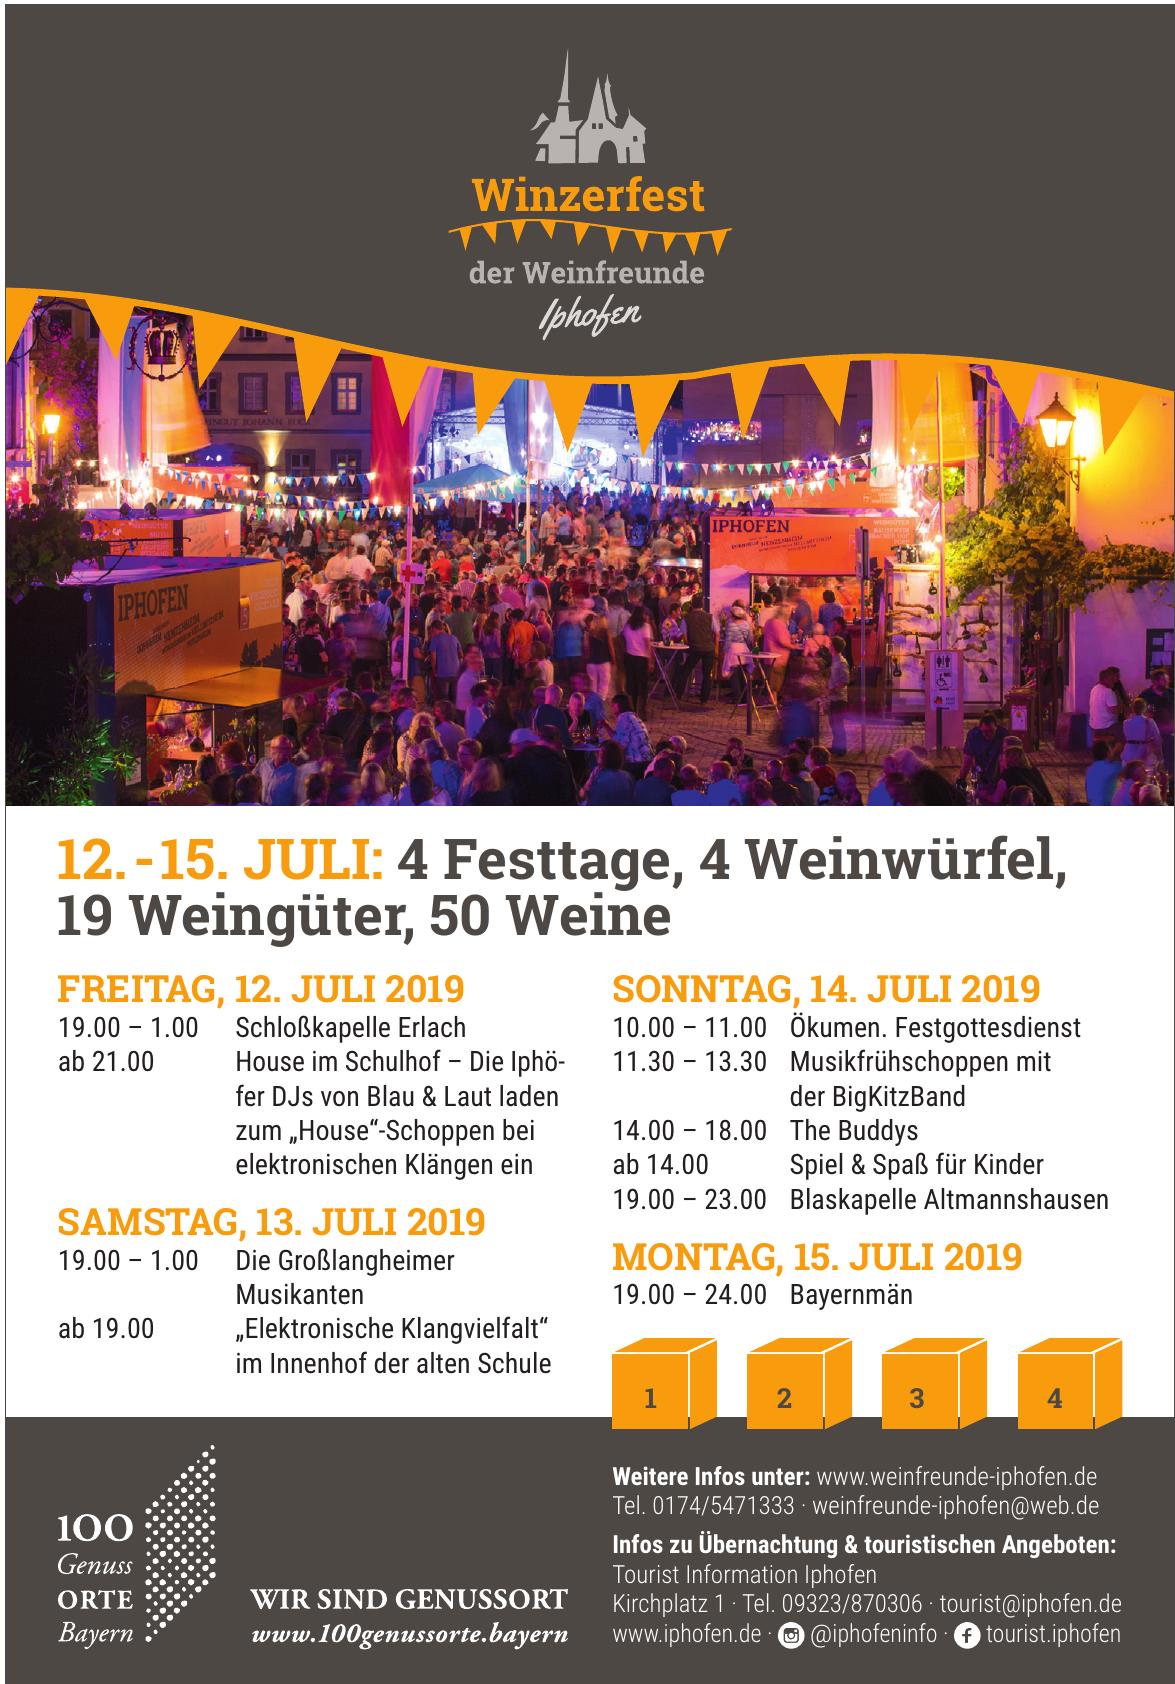 Winzerfest der Weinfreunde Iphofen